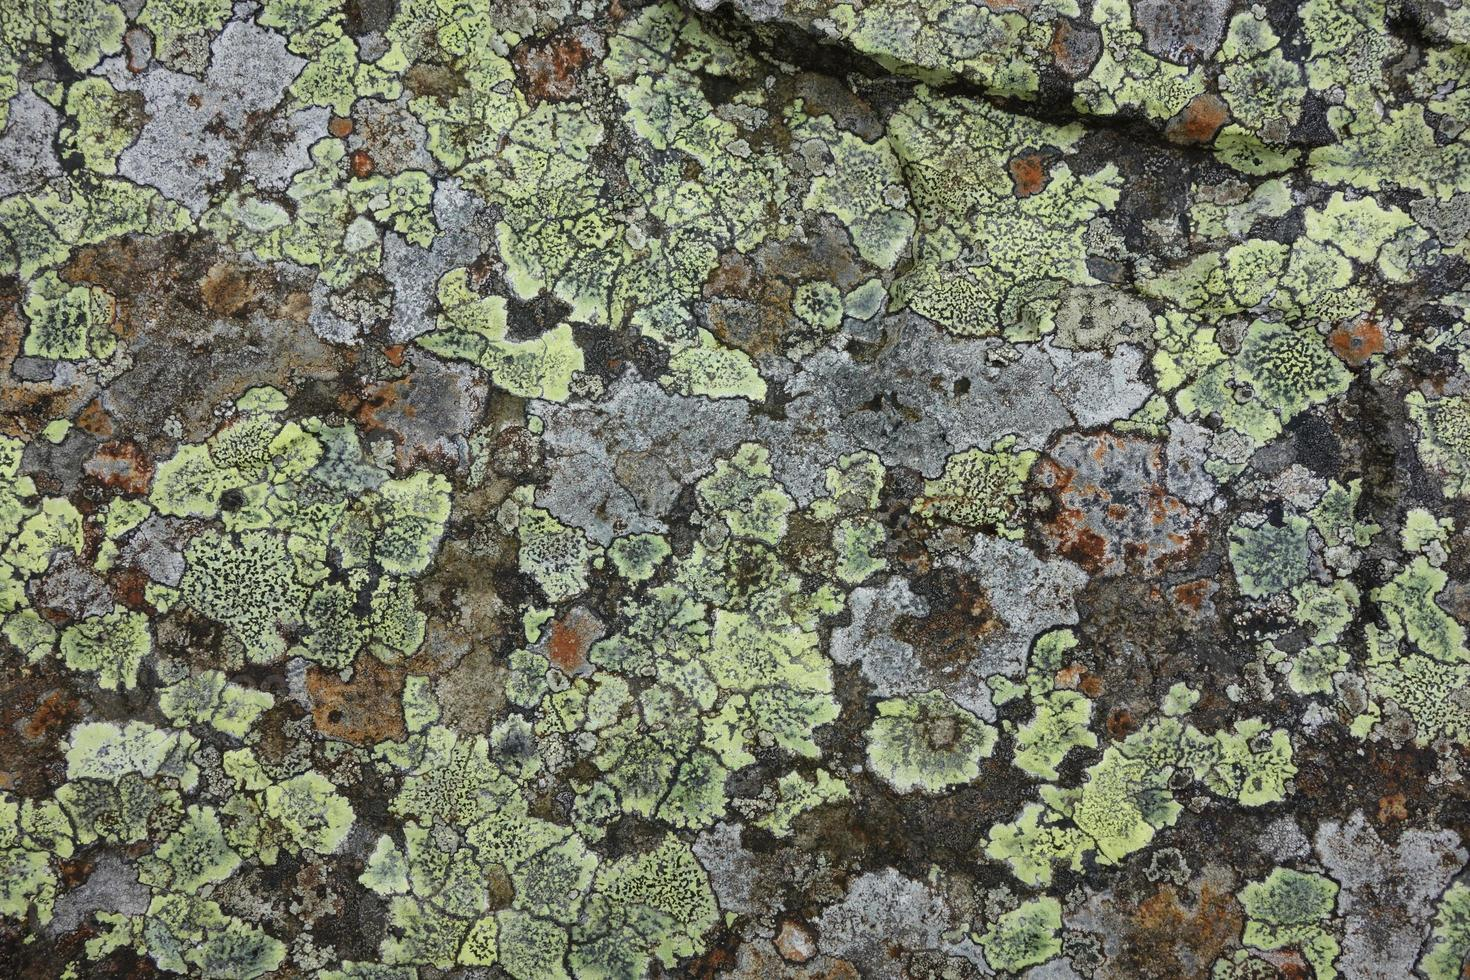 Lichen on Rock photo